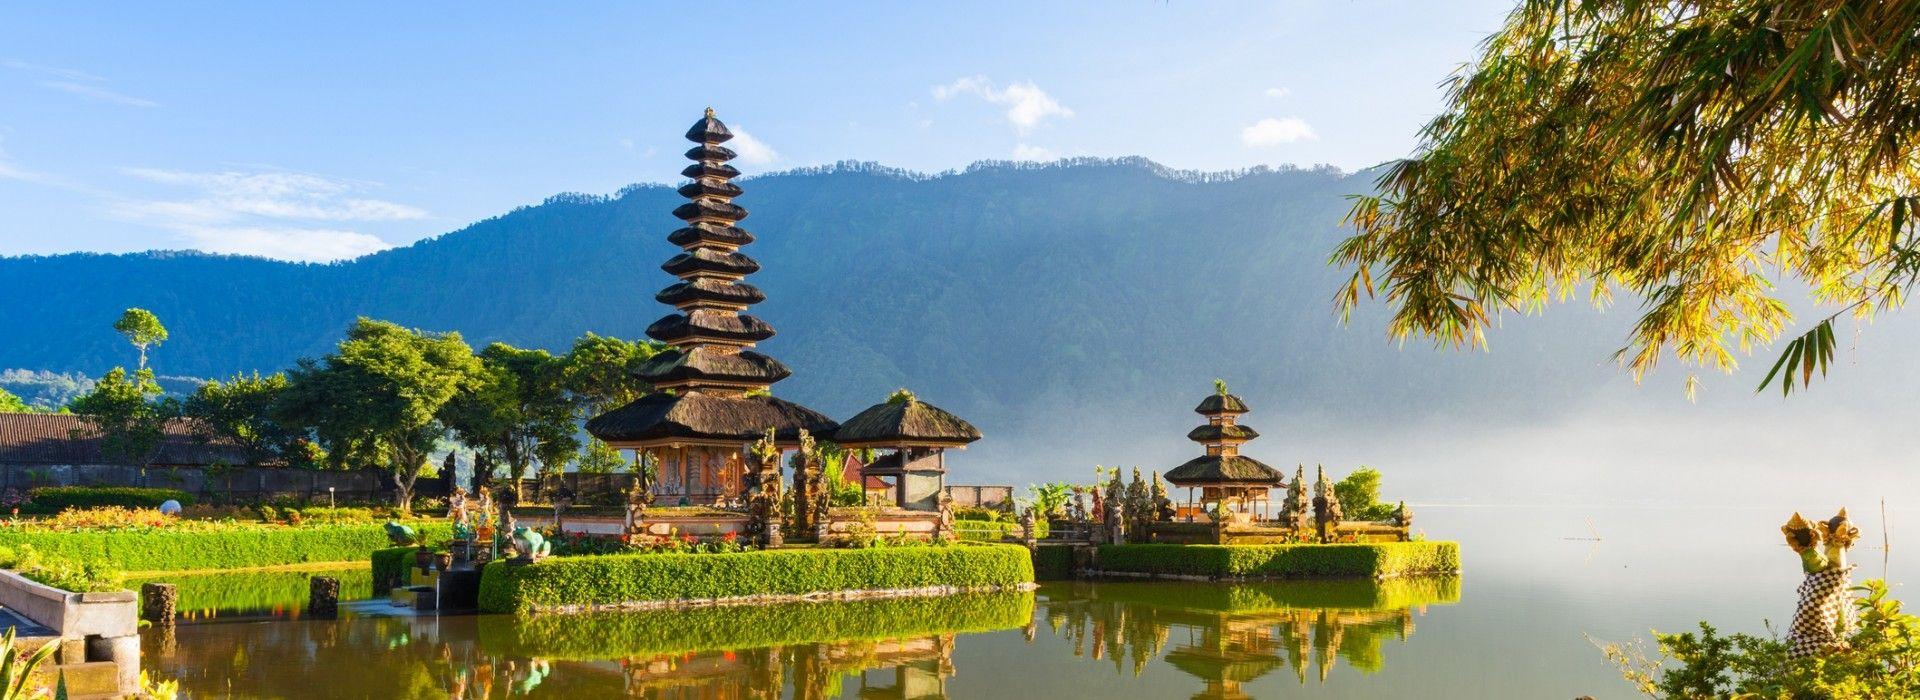 Natural landmarks sightseeing Tours in Yogyakarta